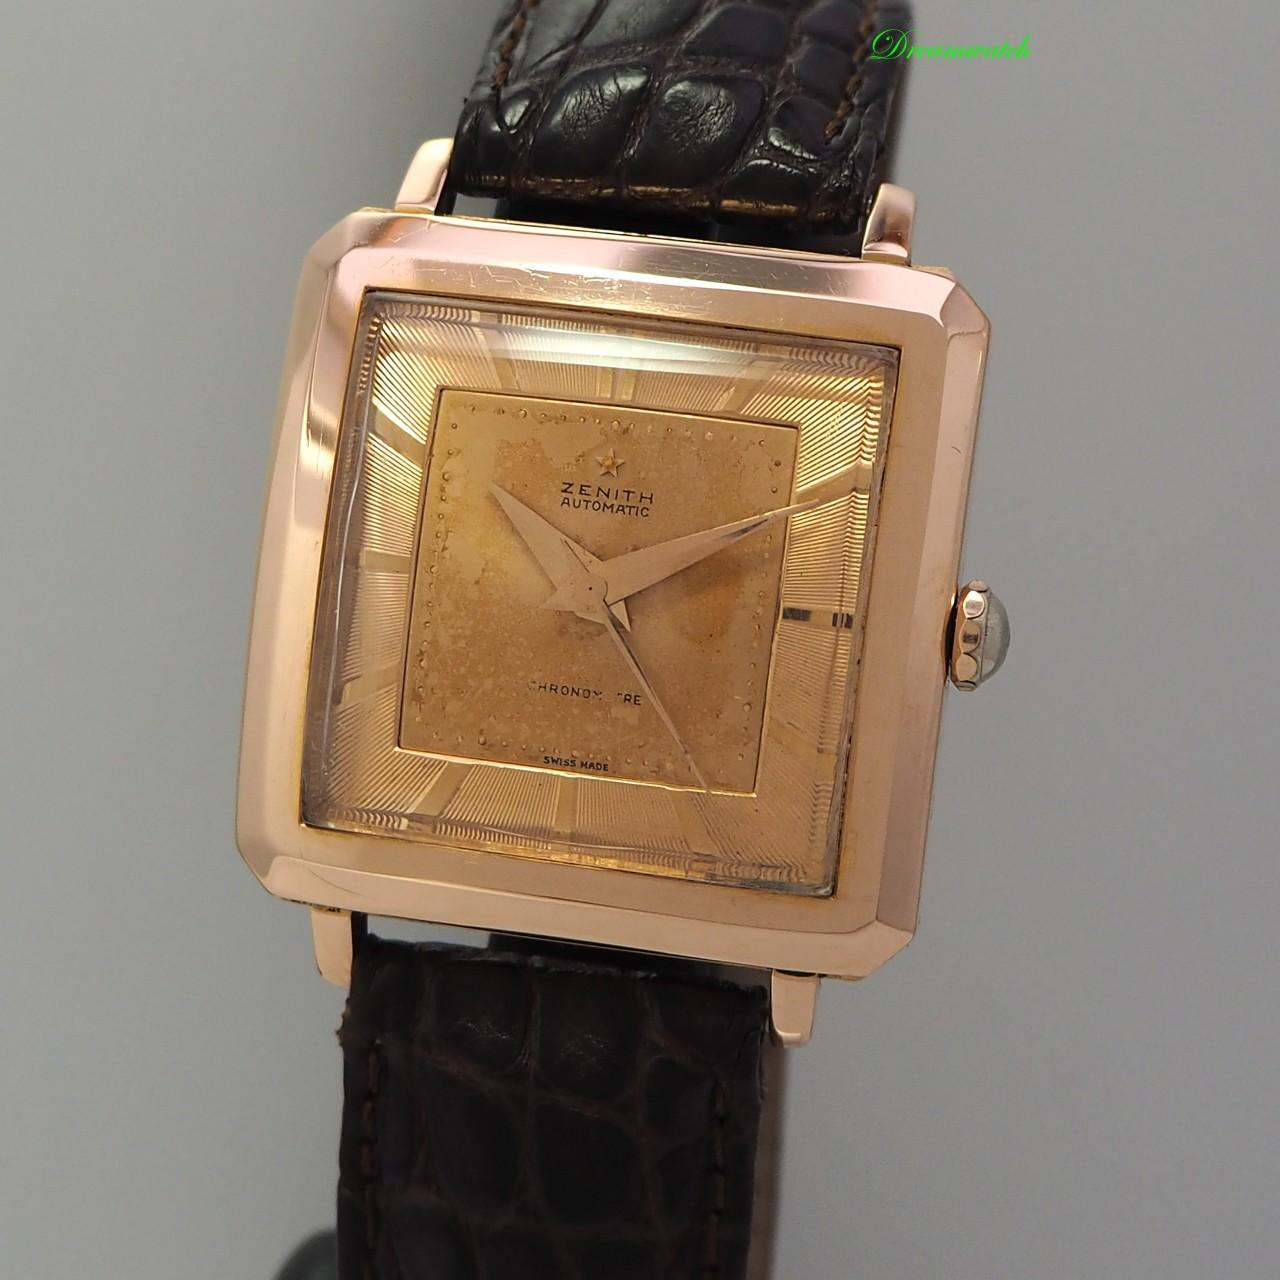 Zenith Chronometre Automatik -Gold 18k/750